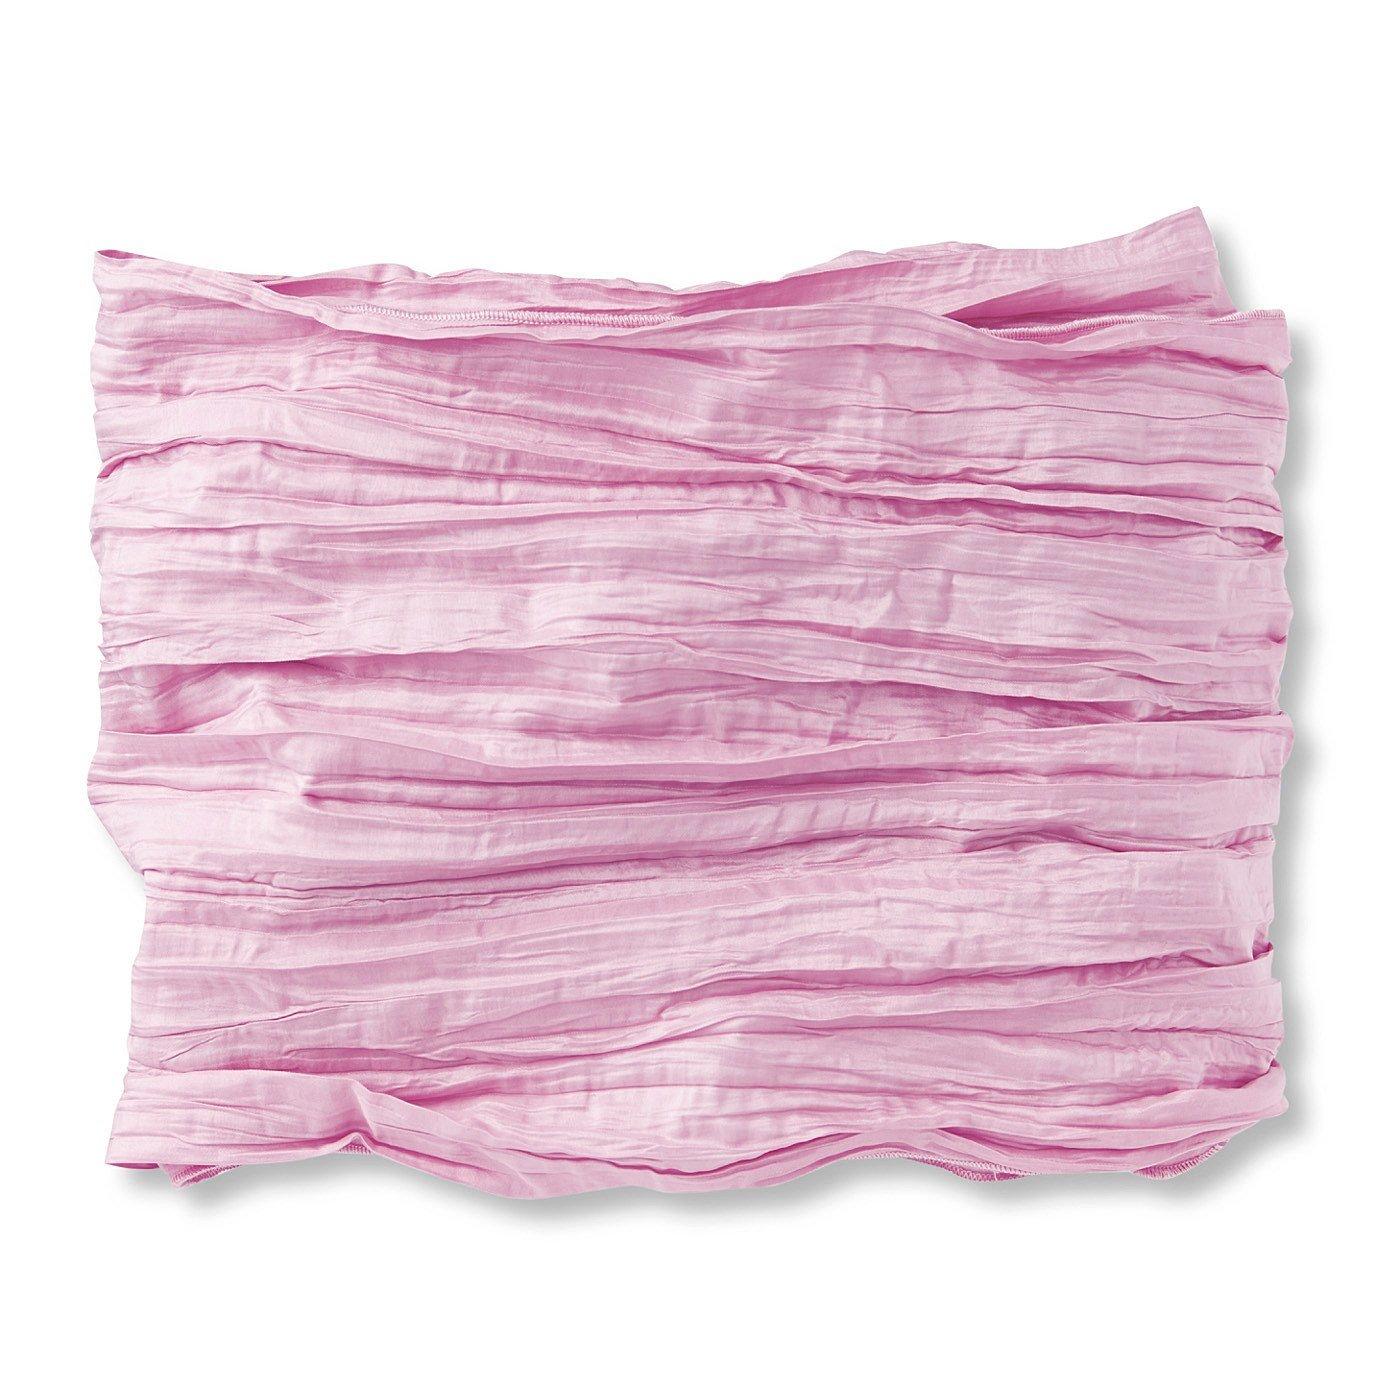 【キッズ】くしゅくしゅふんわりが素敵な兵児帯(へこおび)〈ピンク〉